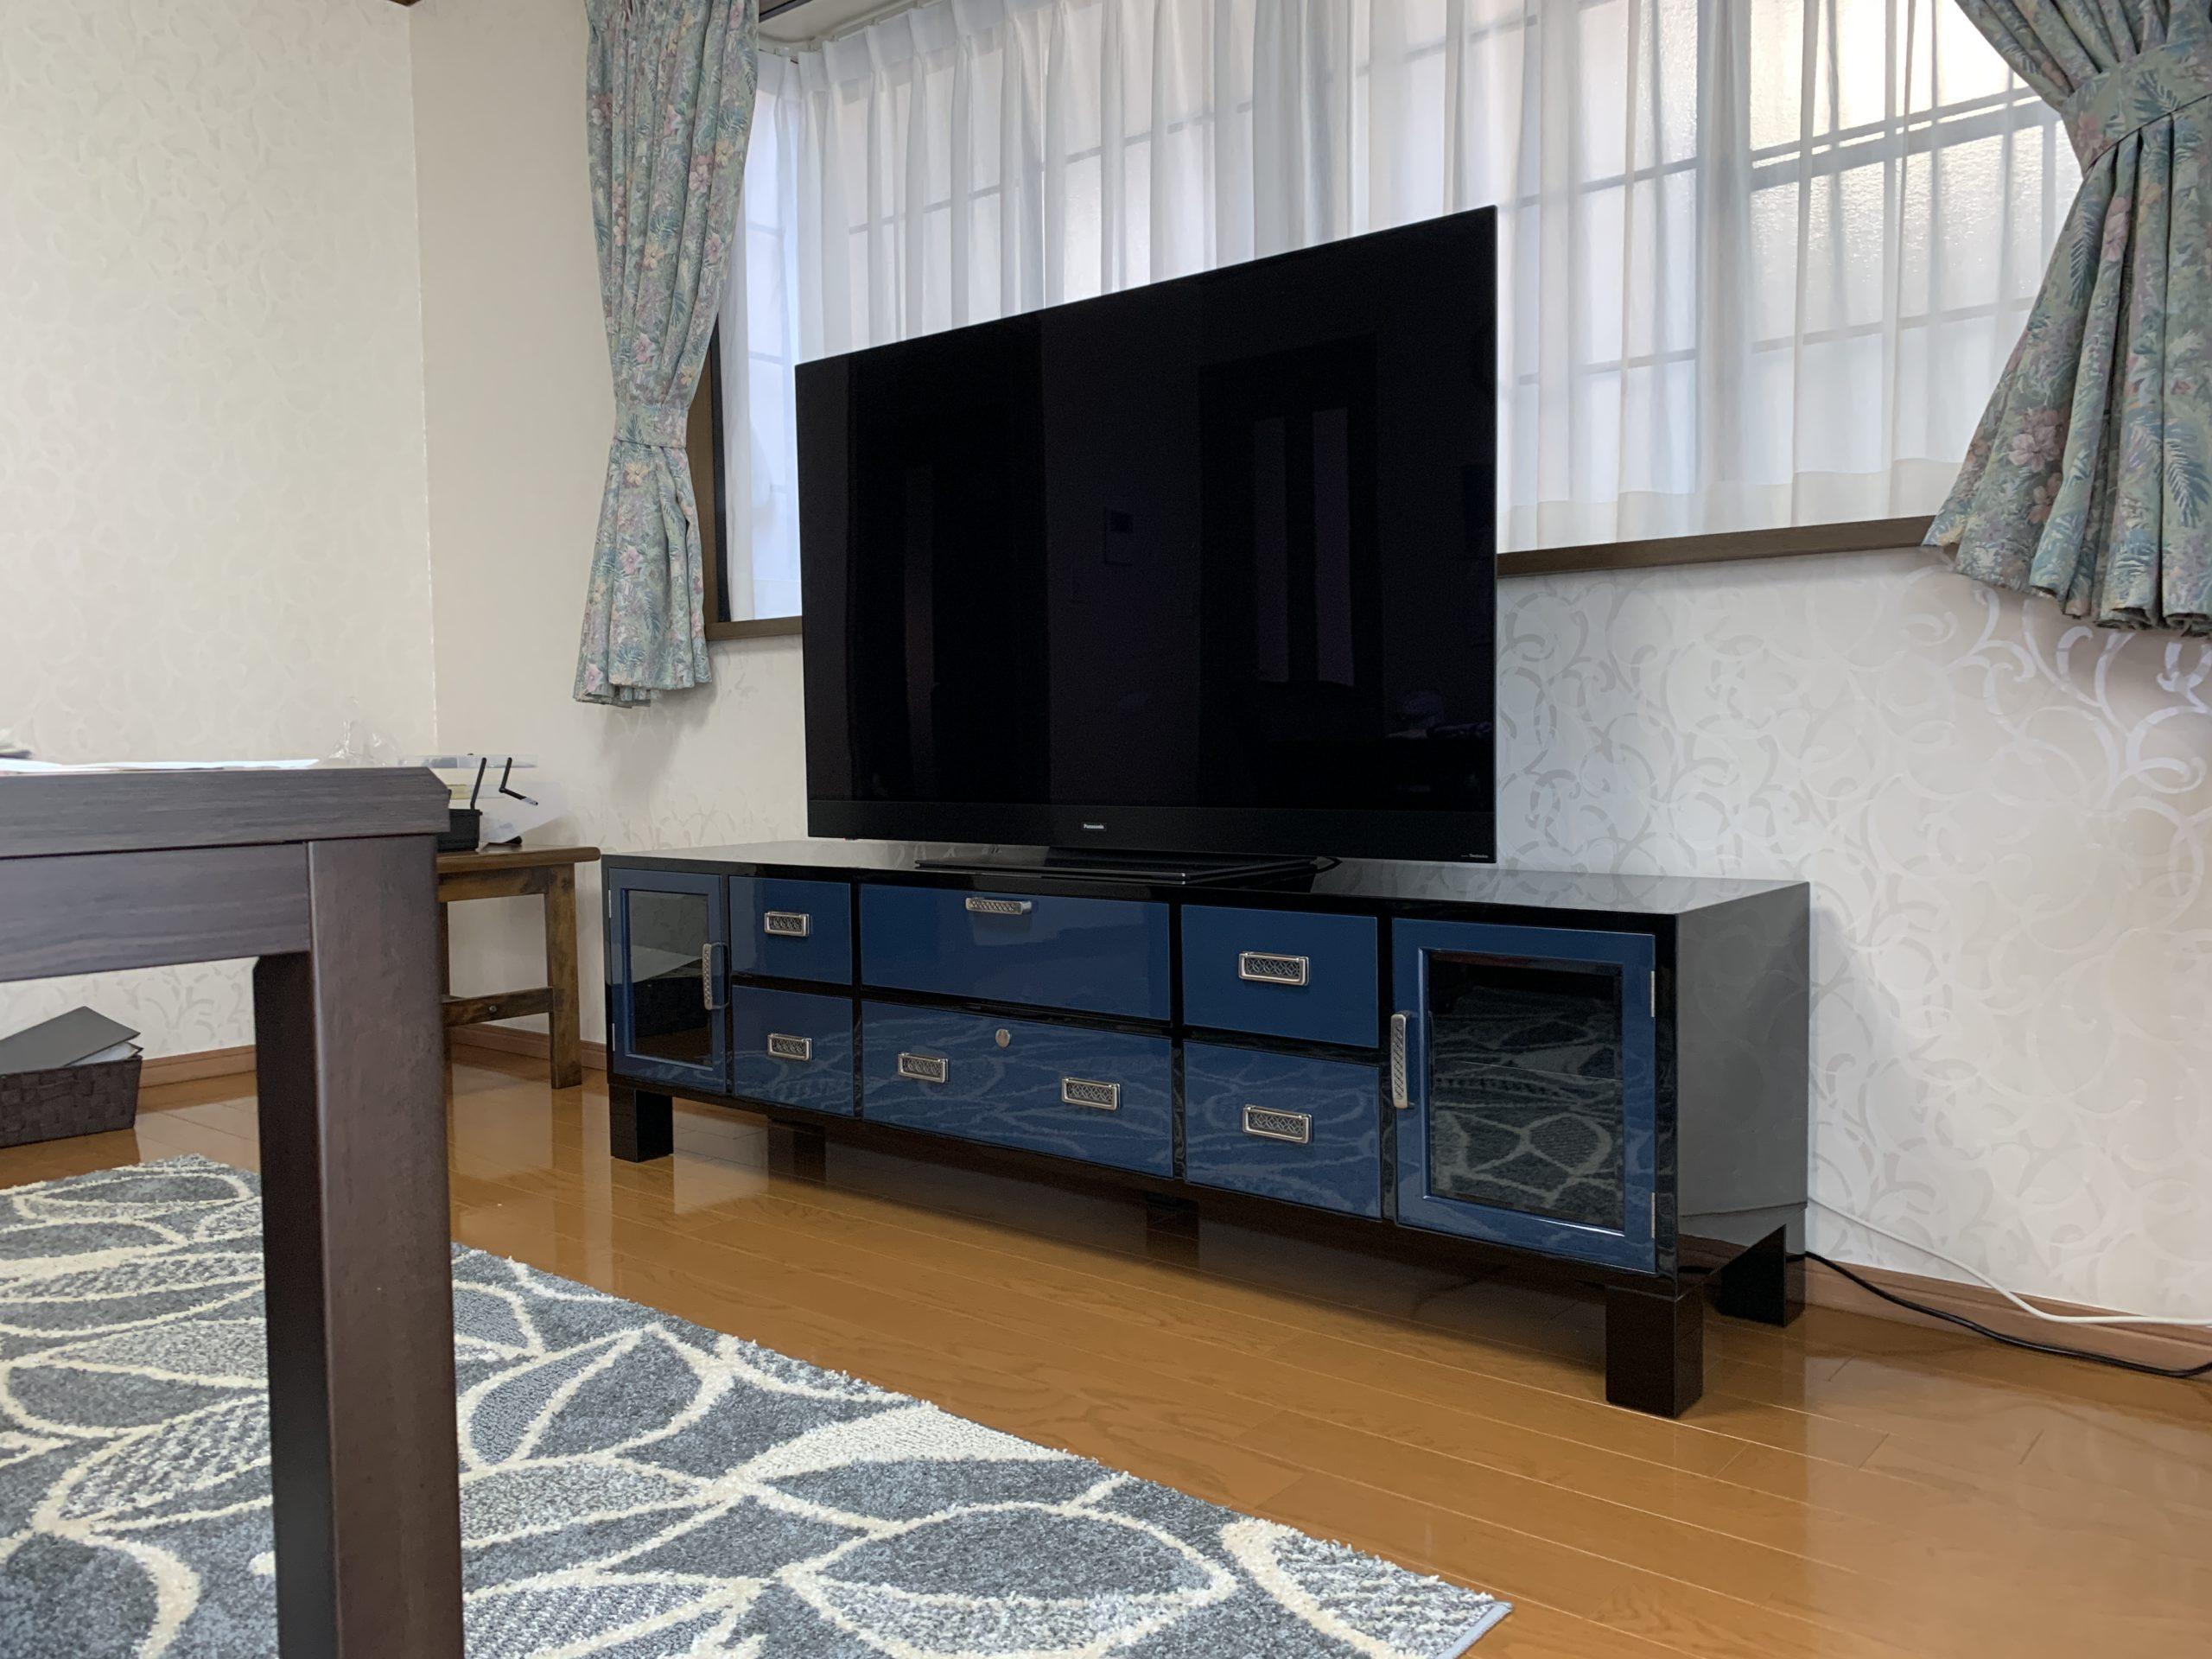 二本松伝統家具 特注モダンテレビボード ブルー&ブラック